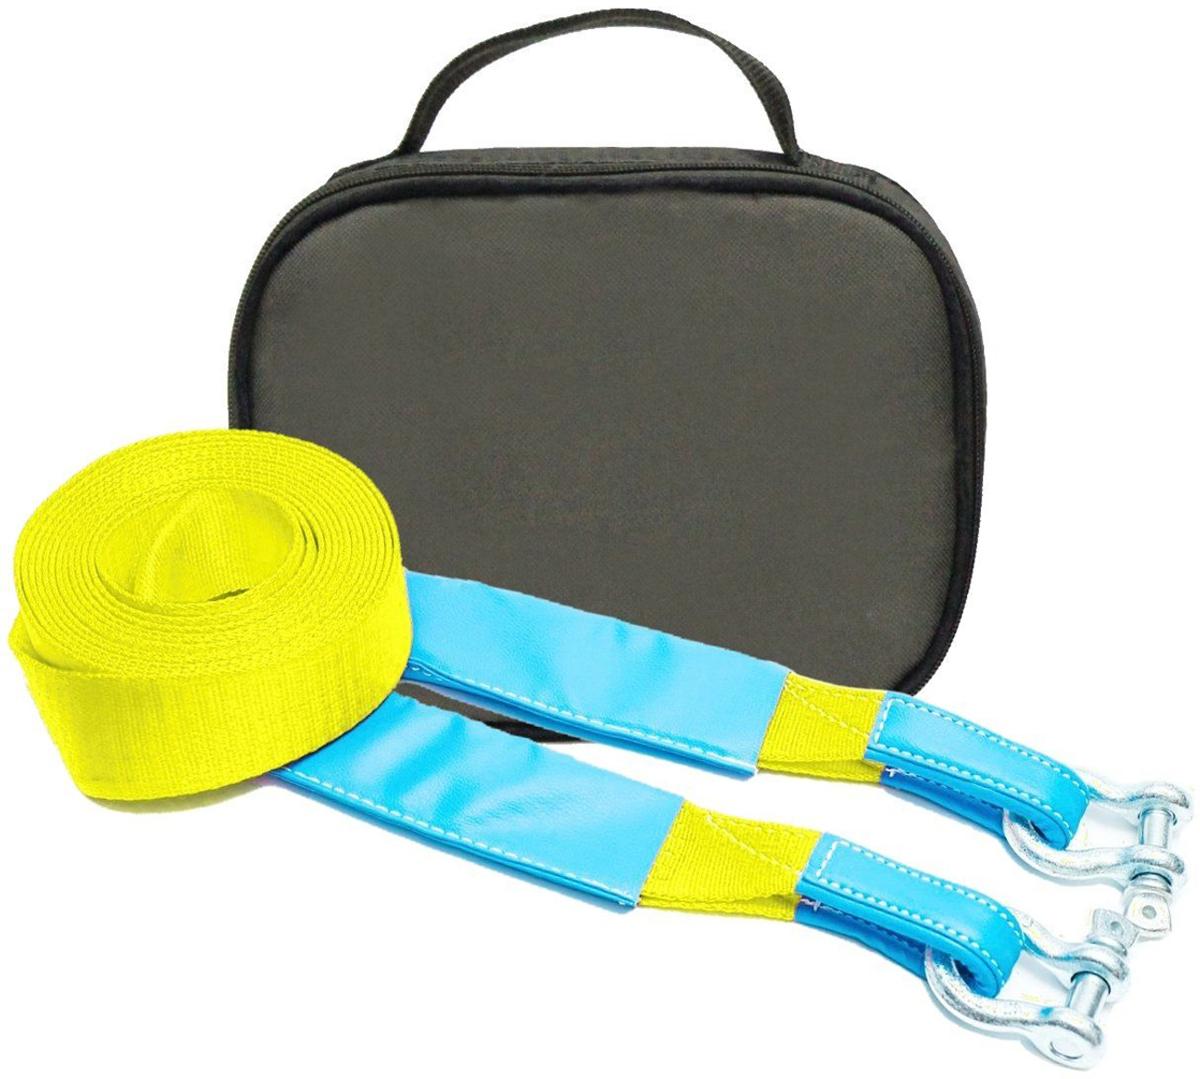 Строп динамический Tplus Стандарт, рывковый, с сумкой, цвет: оливковый, с шаклами, 6 т, 9 м. T001961PANTERA SPX-2RSМинимальная разрывная нагрузка (MBS): 6 т;Длина: 9 м;Ширина ленты: 70 мм;Материал ленты: полиамид;Защита петель: экокожа;Защита швов: экокожа;Эластичность (удлинение при нагрузке): 20%;Исполнение: петля/петля;Шакл 2/12 т: 2 шт. (безопасная рабочая нагрузка (SWL)/минимальная разрывная нагрузка (MBS);Применяется для а/м массой* от 1 до 1.8 т;Сумка (оксфорд);Гарантия: 1 год.*масса а/м = снаряженная масса а/м + 100 кг (+20% при эвакуации а/м из грязи).Если а/м оснащен дополнительным оборудованием (силовой бампер, лебёдка и т. п.), то масса а/м = снаряженная масса а/м + 100 кг + масса дополнительно установленного навесного оборудования (+20% при эвакуации а/м из грязи).